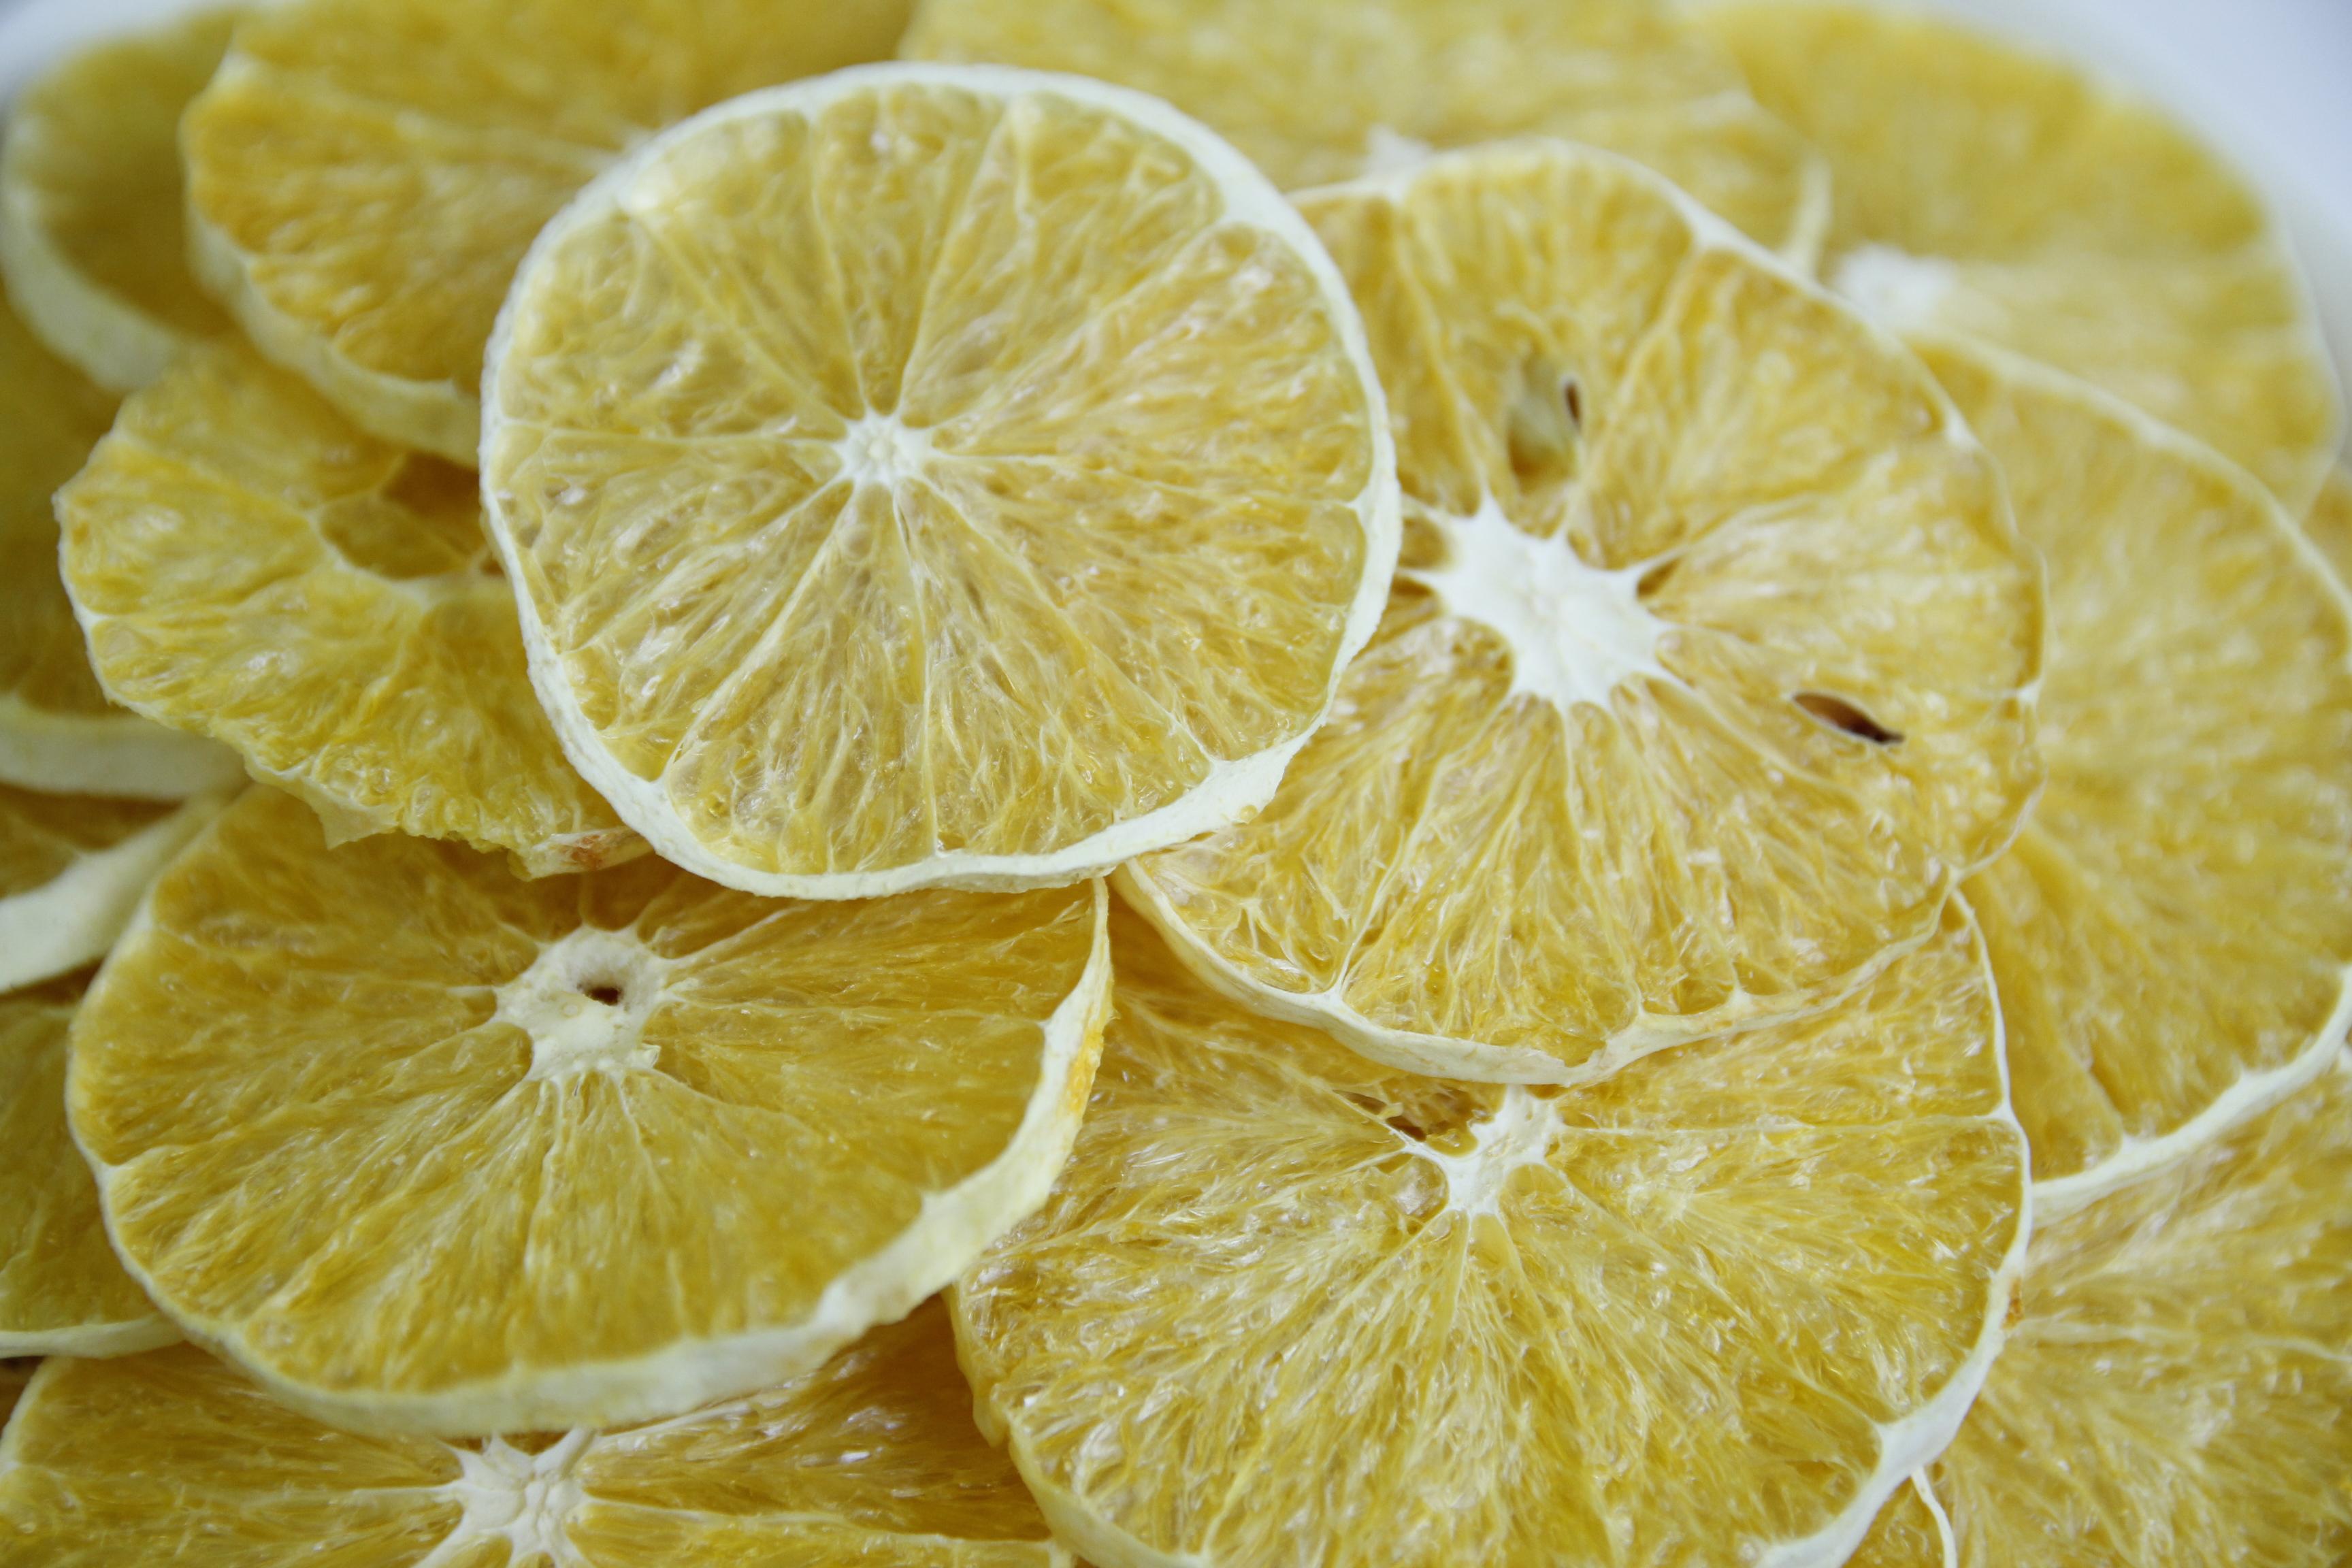 肚臍橙 Navel orange